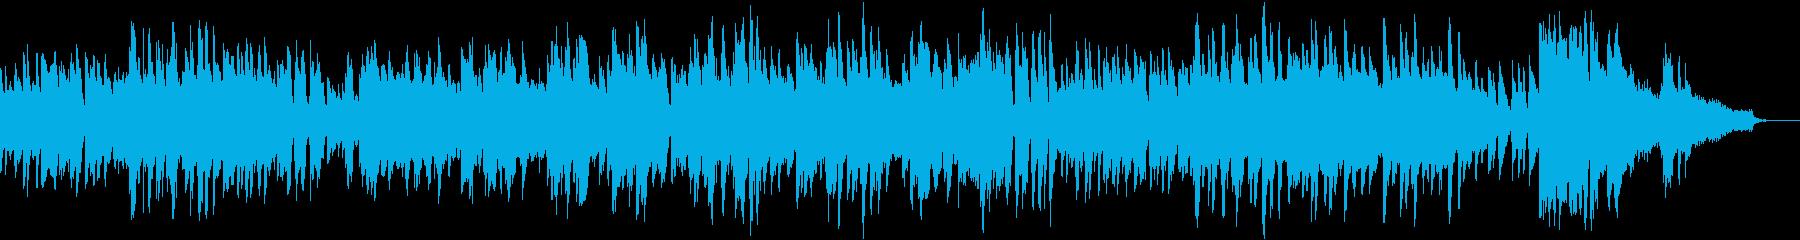 生ピアノ ジャズの再生済みの波形